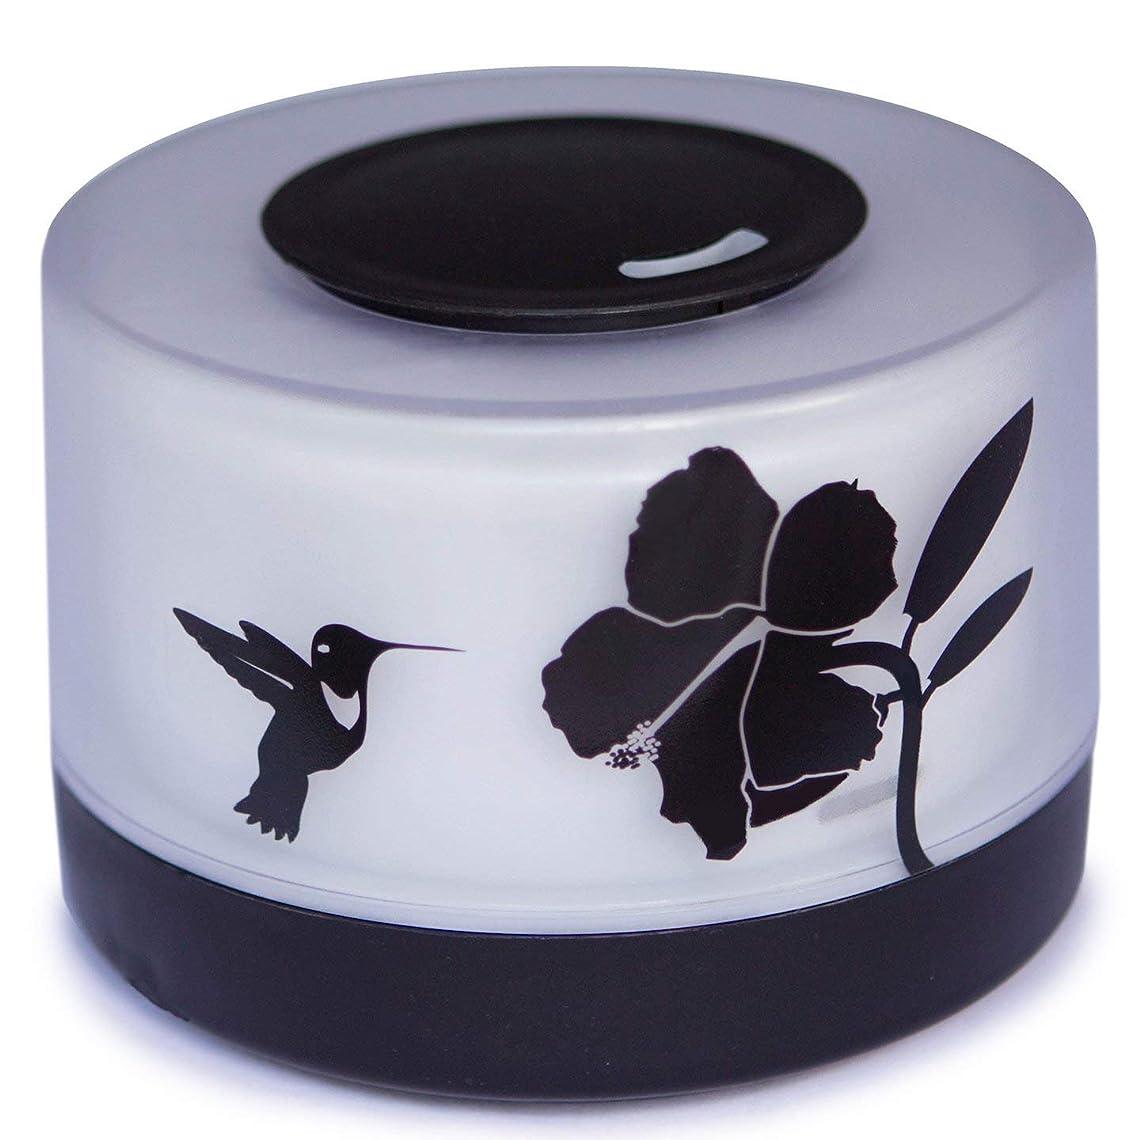 章生き物繁殖【Amour@Home】超音波式 アロマディフューザー 大容量 加湿器 500ml (ハチドリ)